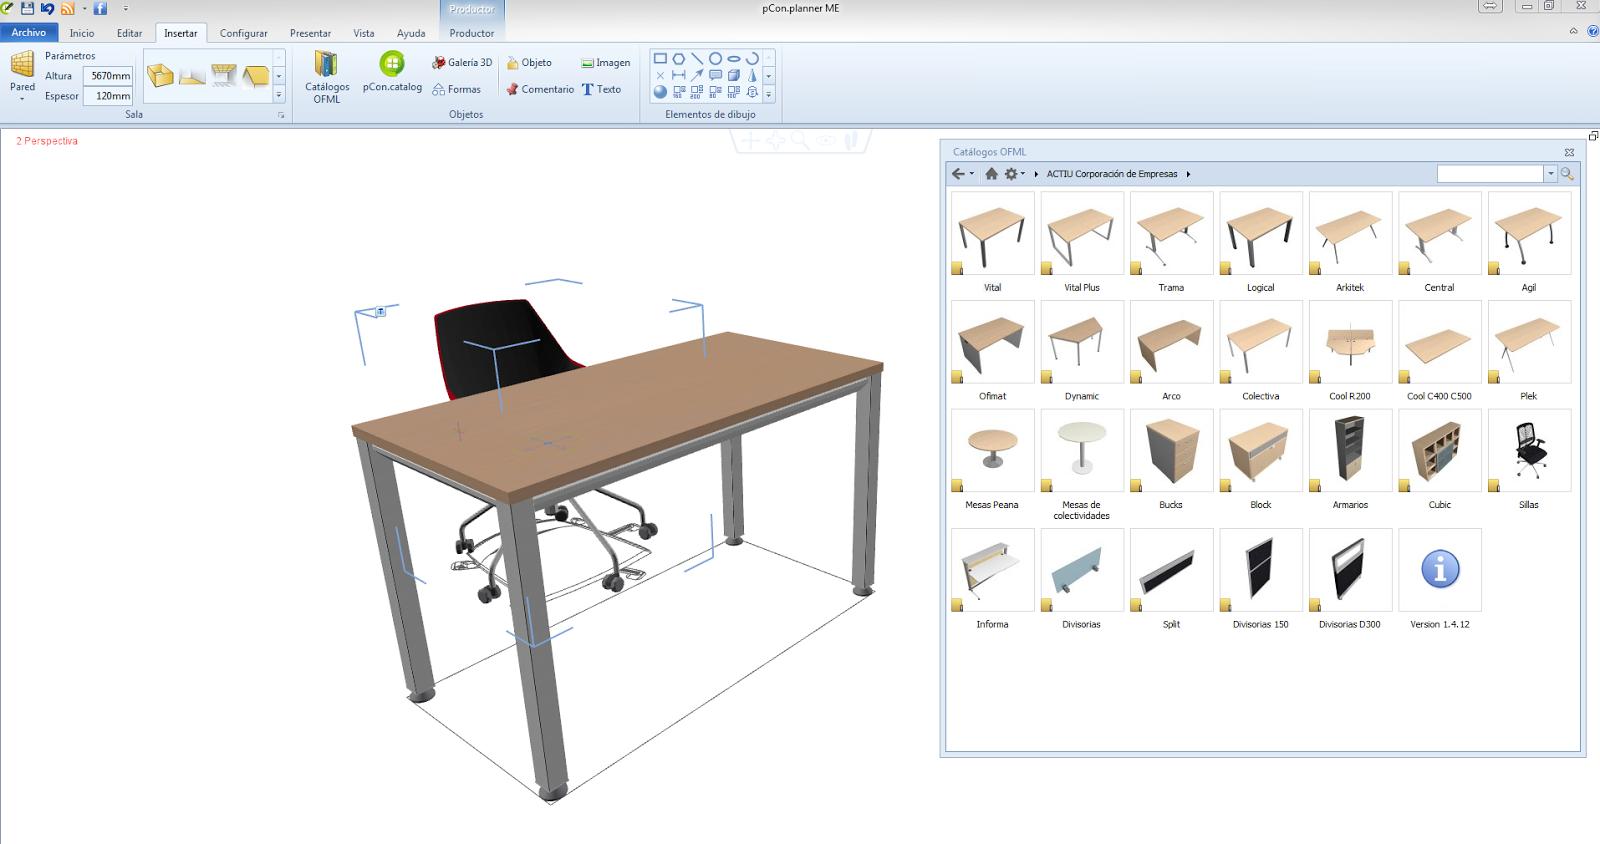 Gargon3d pcon planner dise o de interiores gratuito for Programa para hacer diseno de interiores